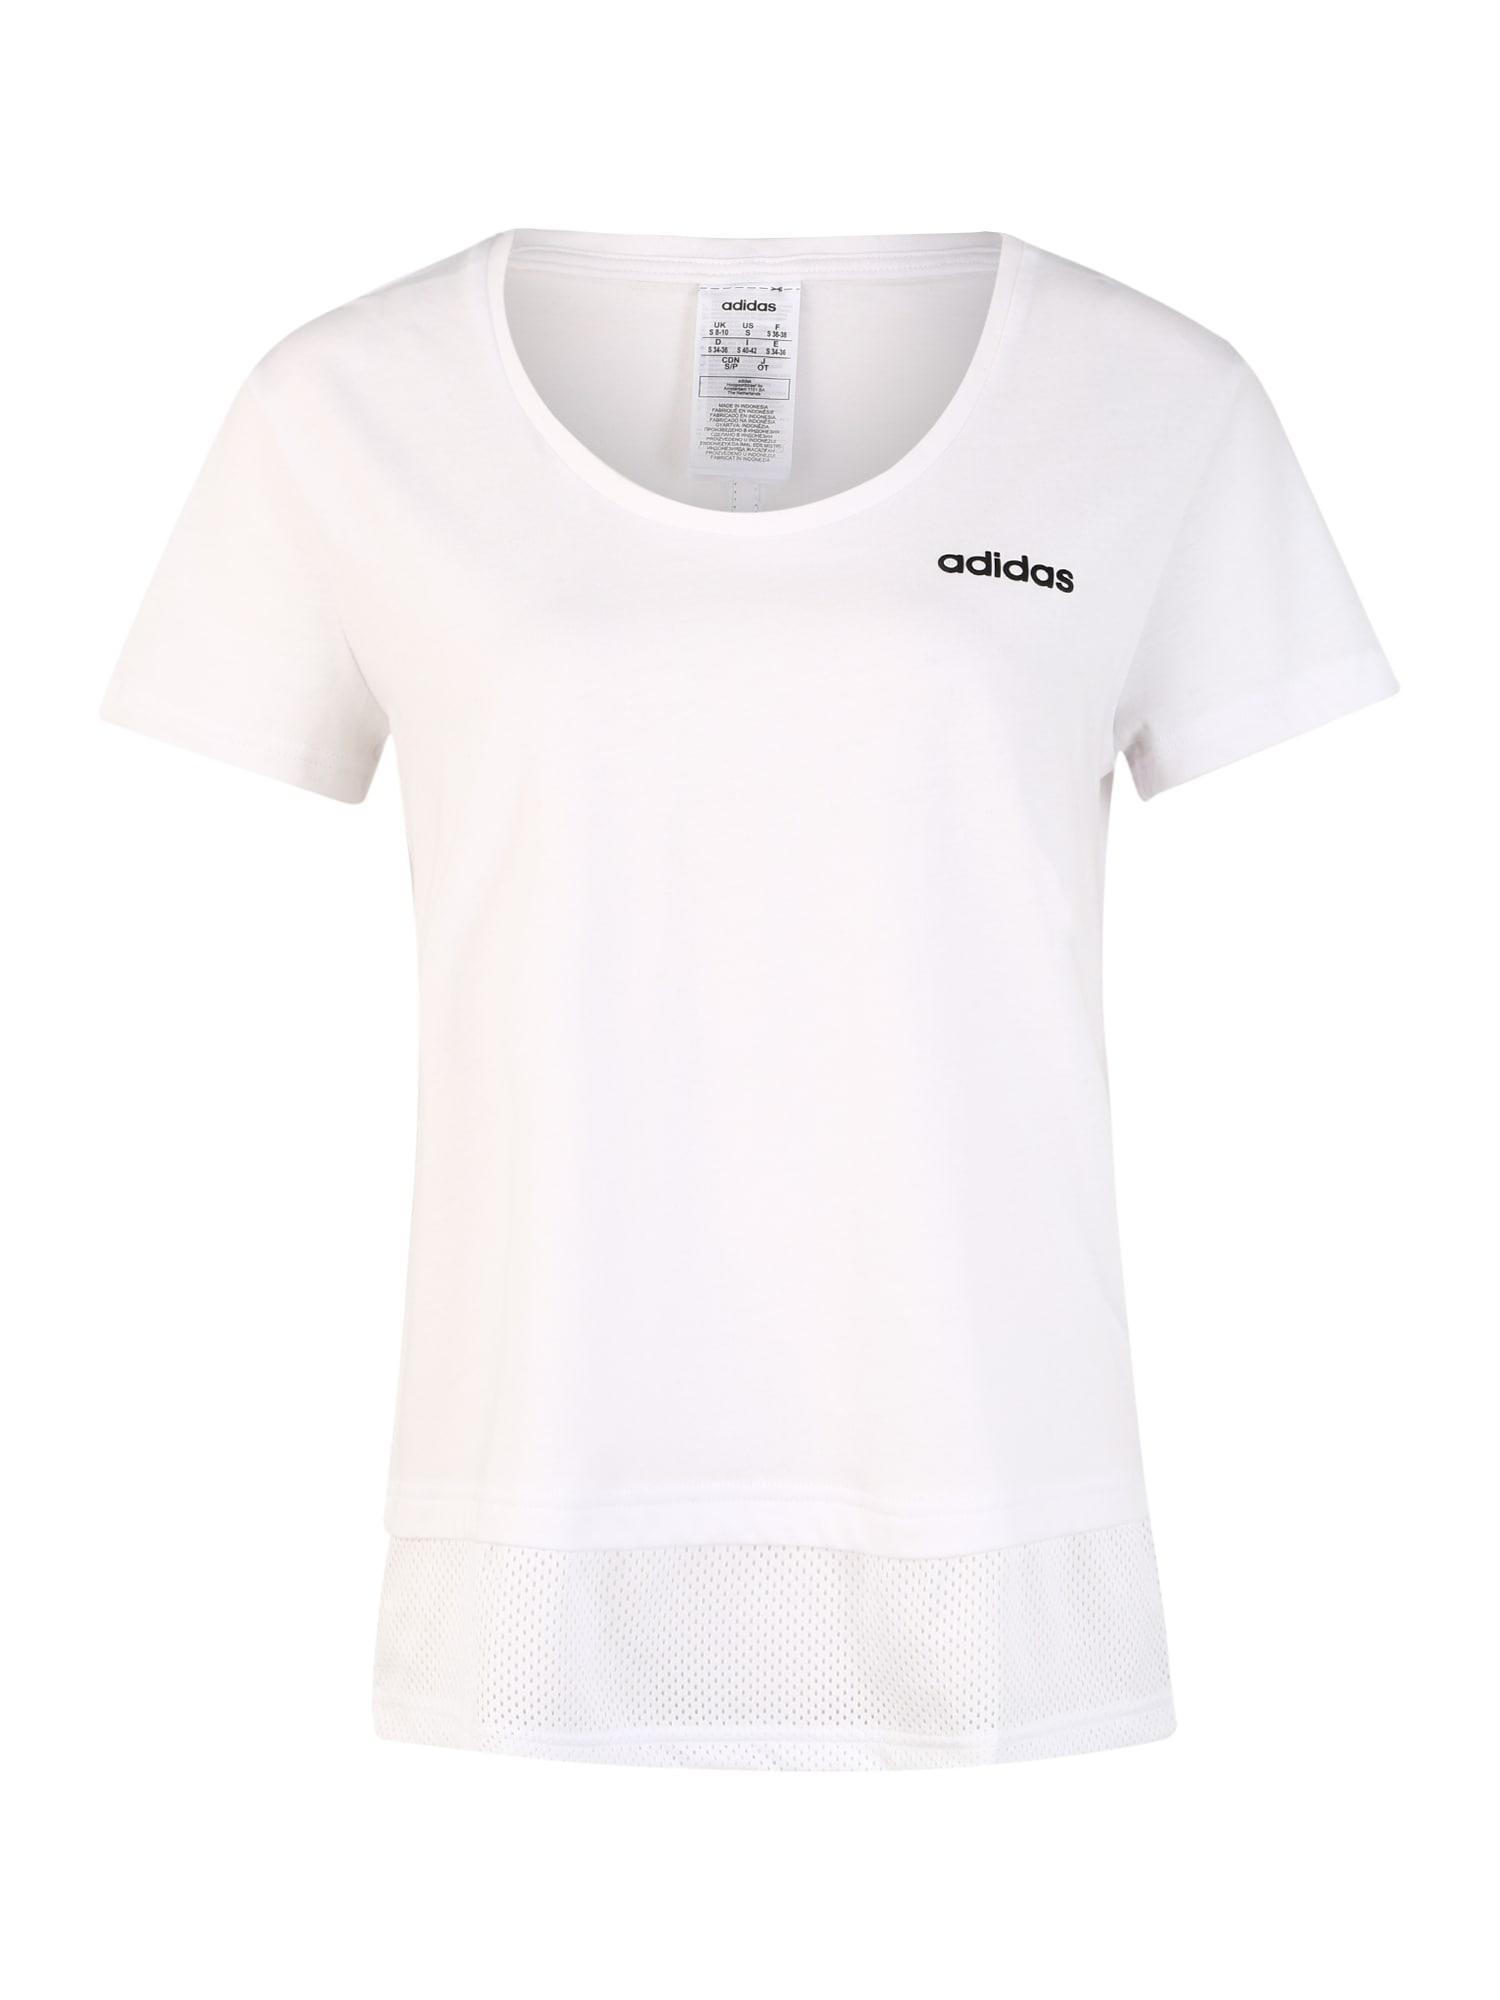 ADIDAS PERFORMANCE Sportiniai marškinėliai 'W E MM T' juoda / balta